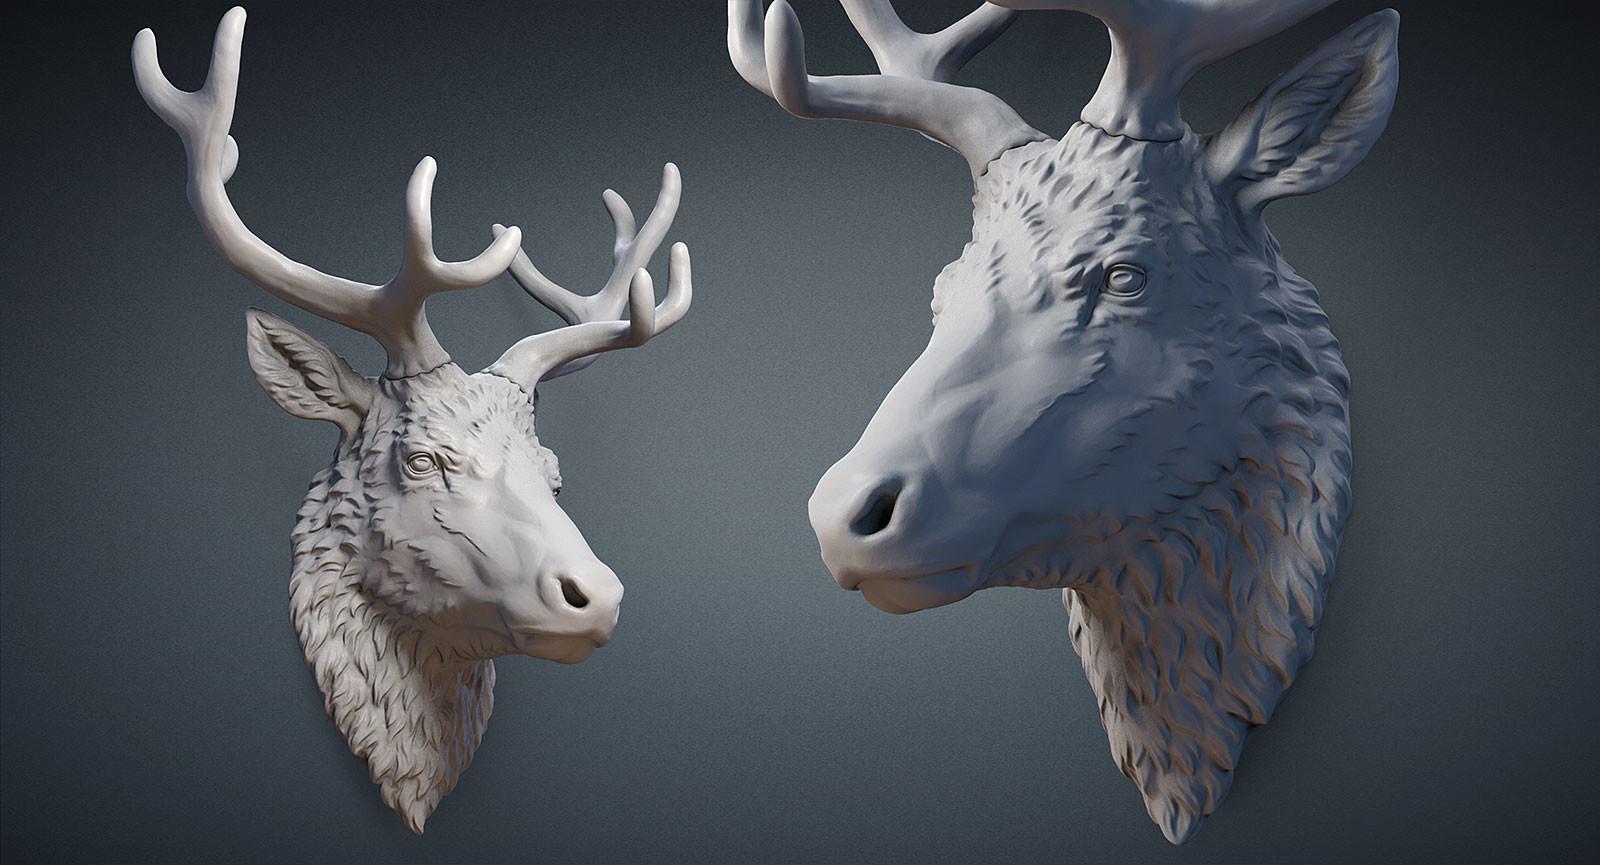 Nikolay Vorobyov  Reindeer head 3D print digital sculpture